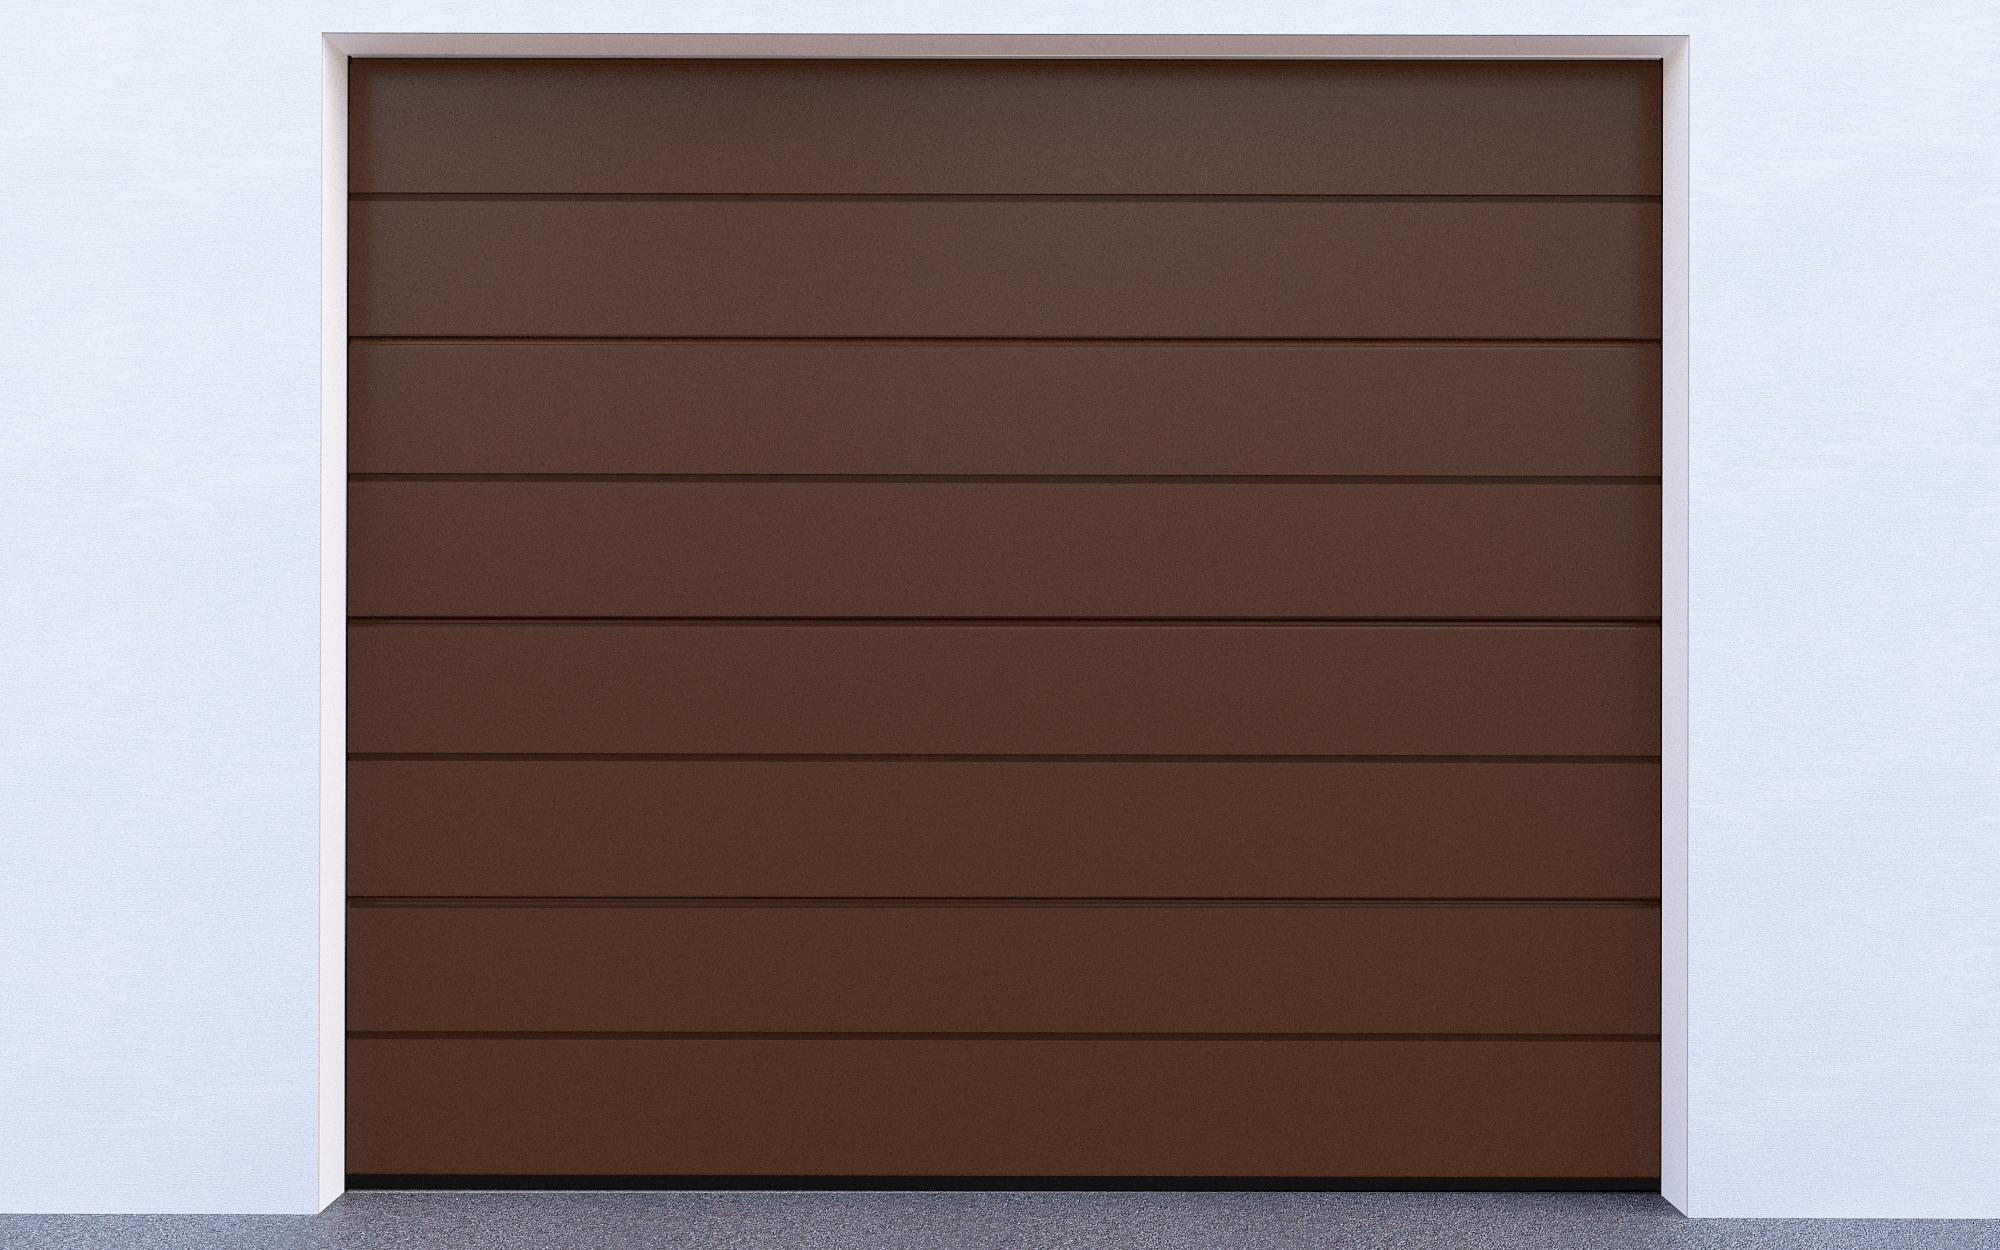 Sekční garážová vrata - Hnědá (Sekční garážová vrata)